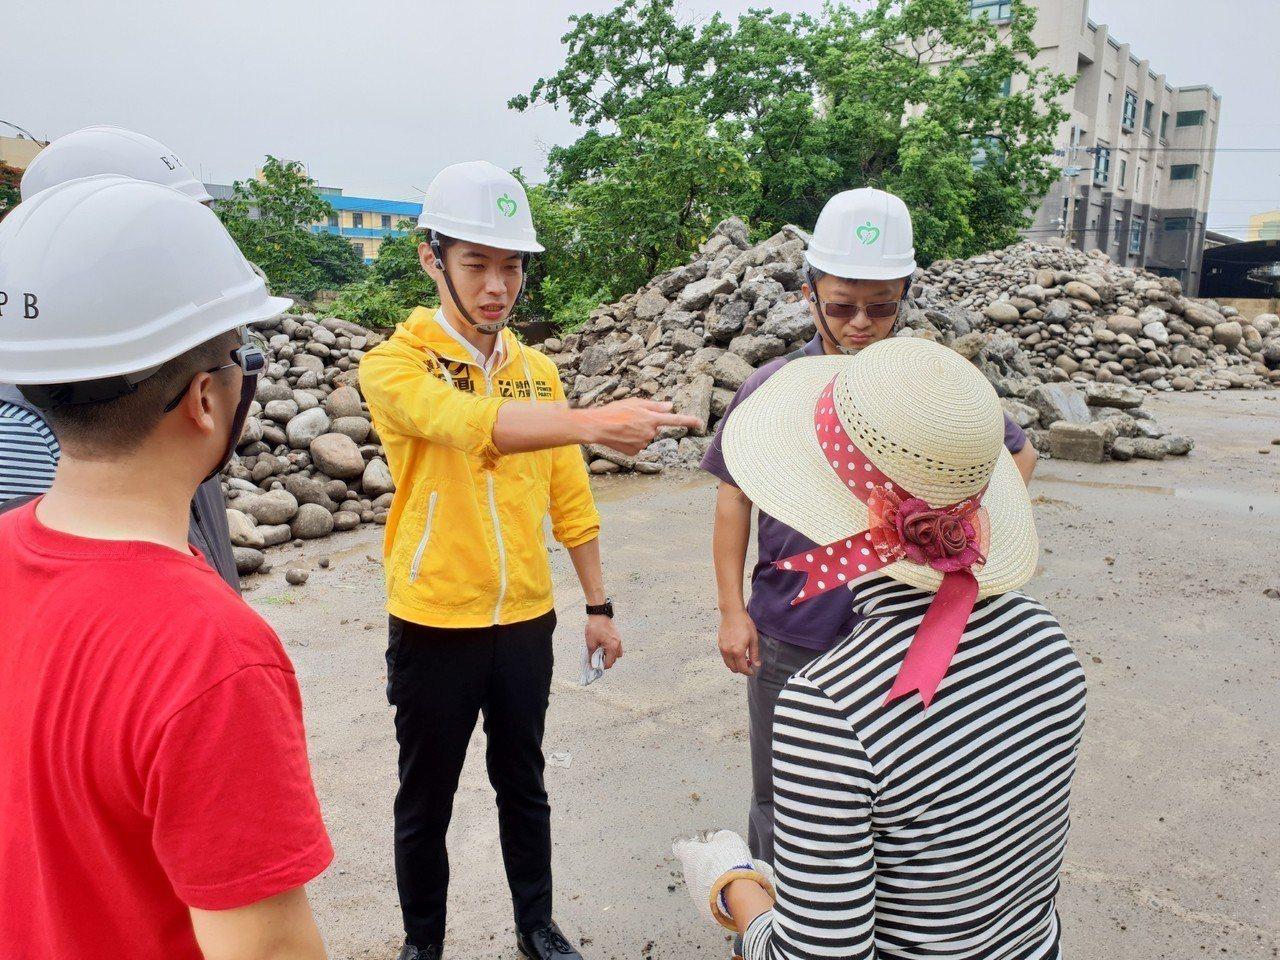 竹南土汙管制場址業者開挖堆置 居民憂廢土揚塵